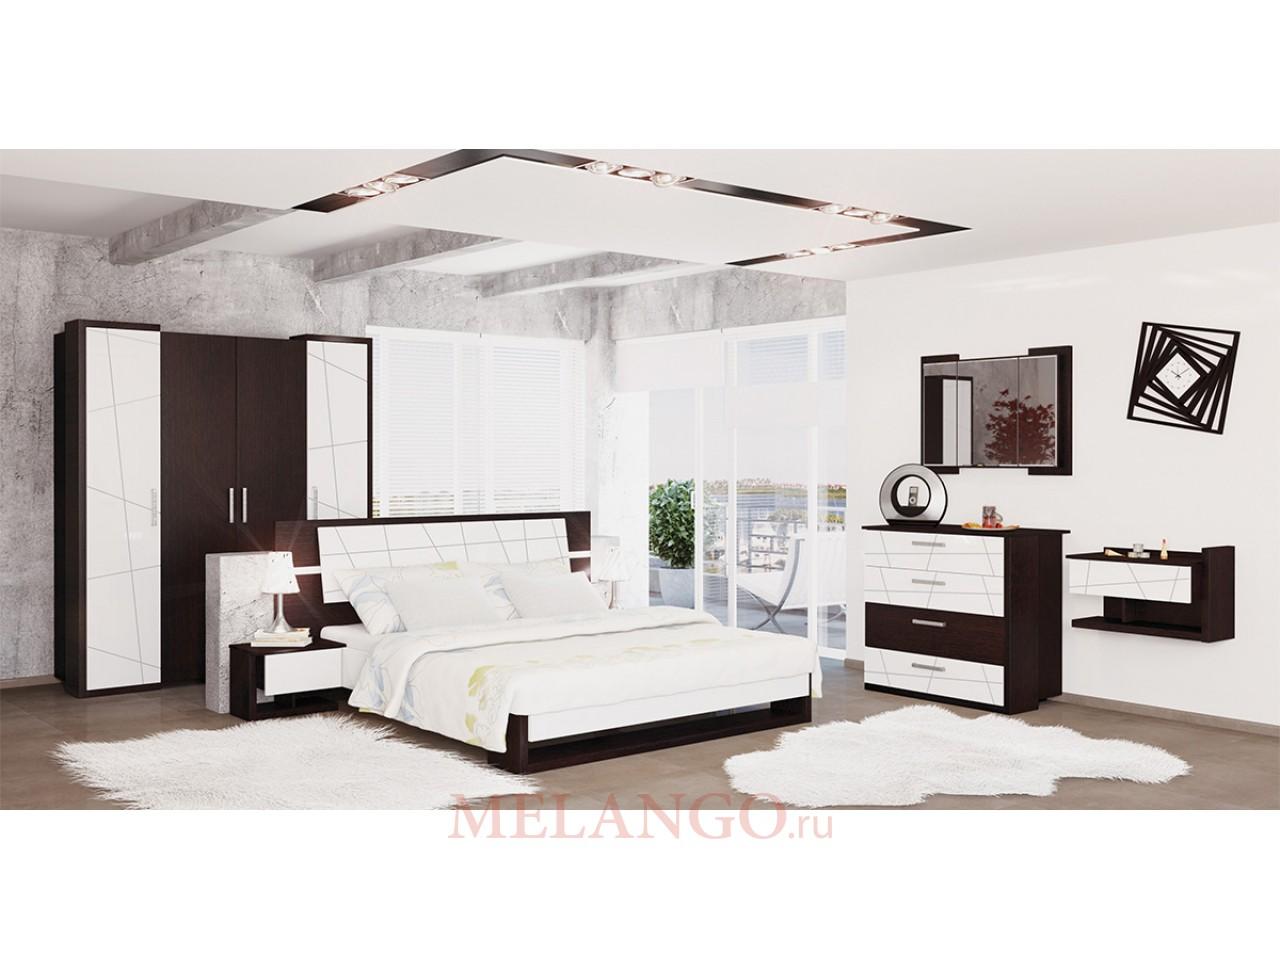 Спальня Барселона от Мебель-Неман